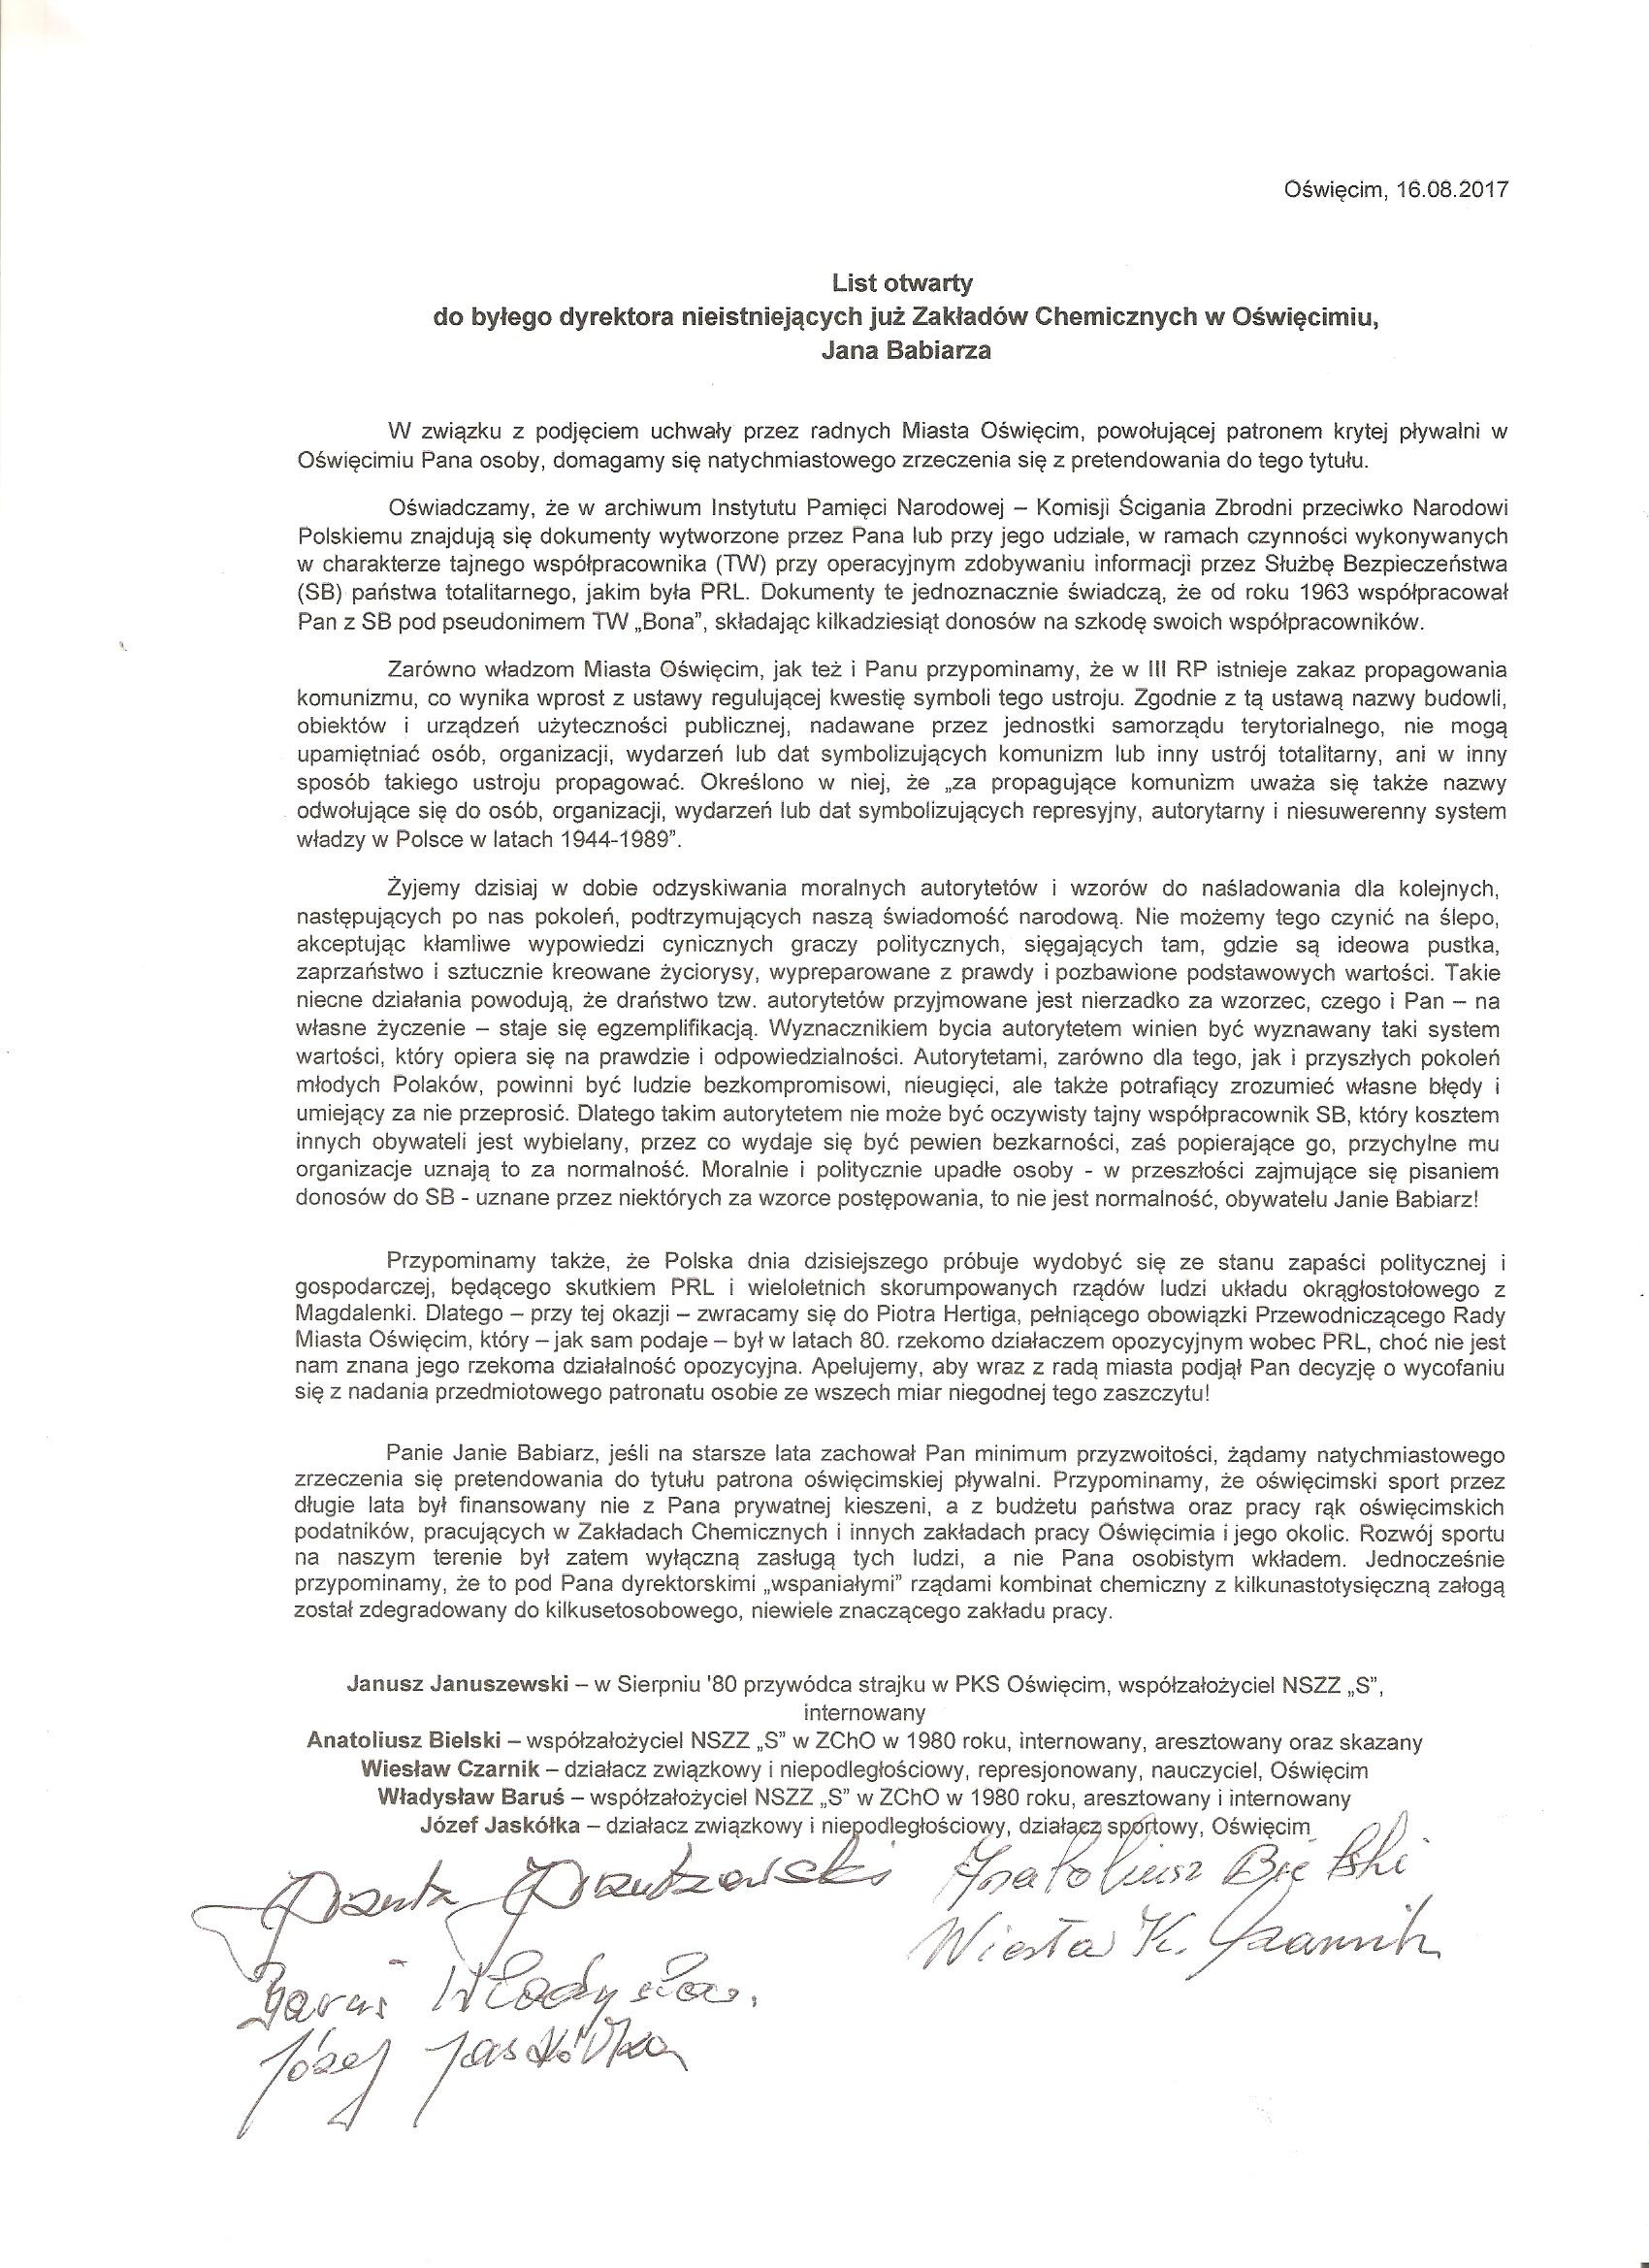 OŚWIĘCIM. Januszewski, Bielski, Czarnik, Baruś i Jaskółka piszą do Jana Babiarza